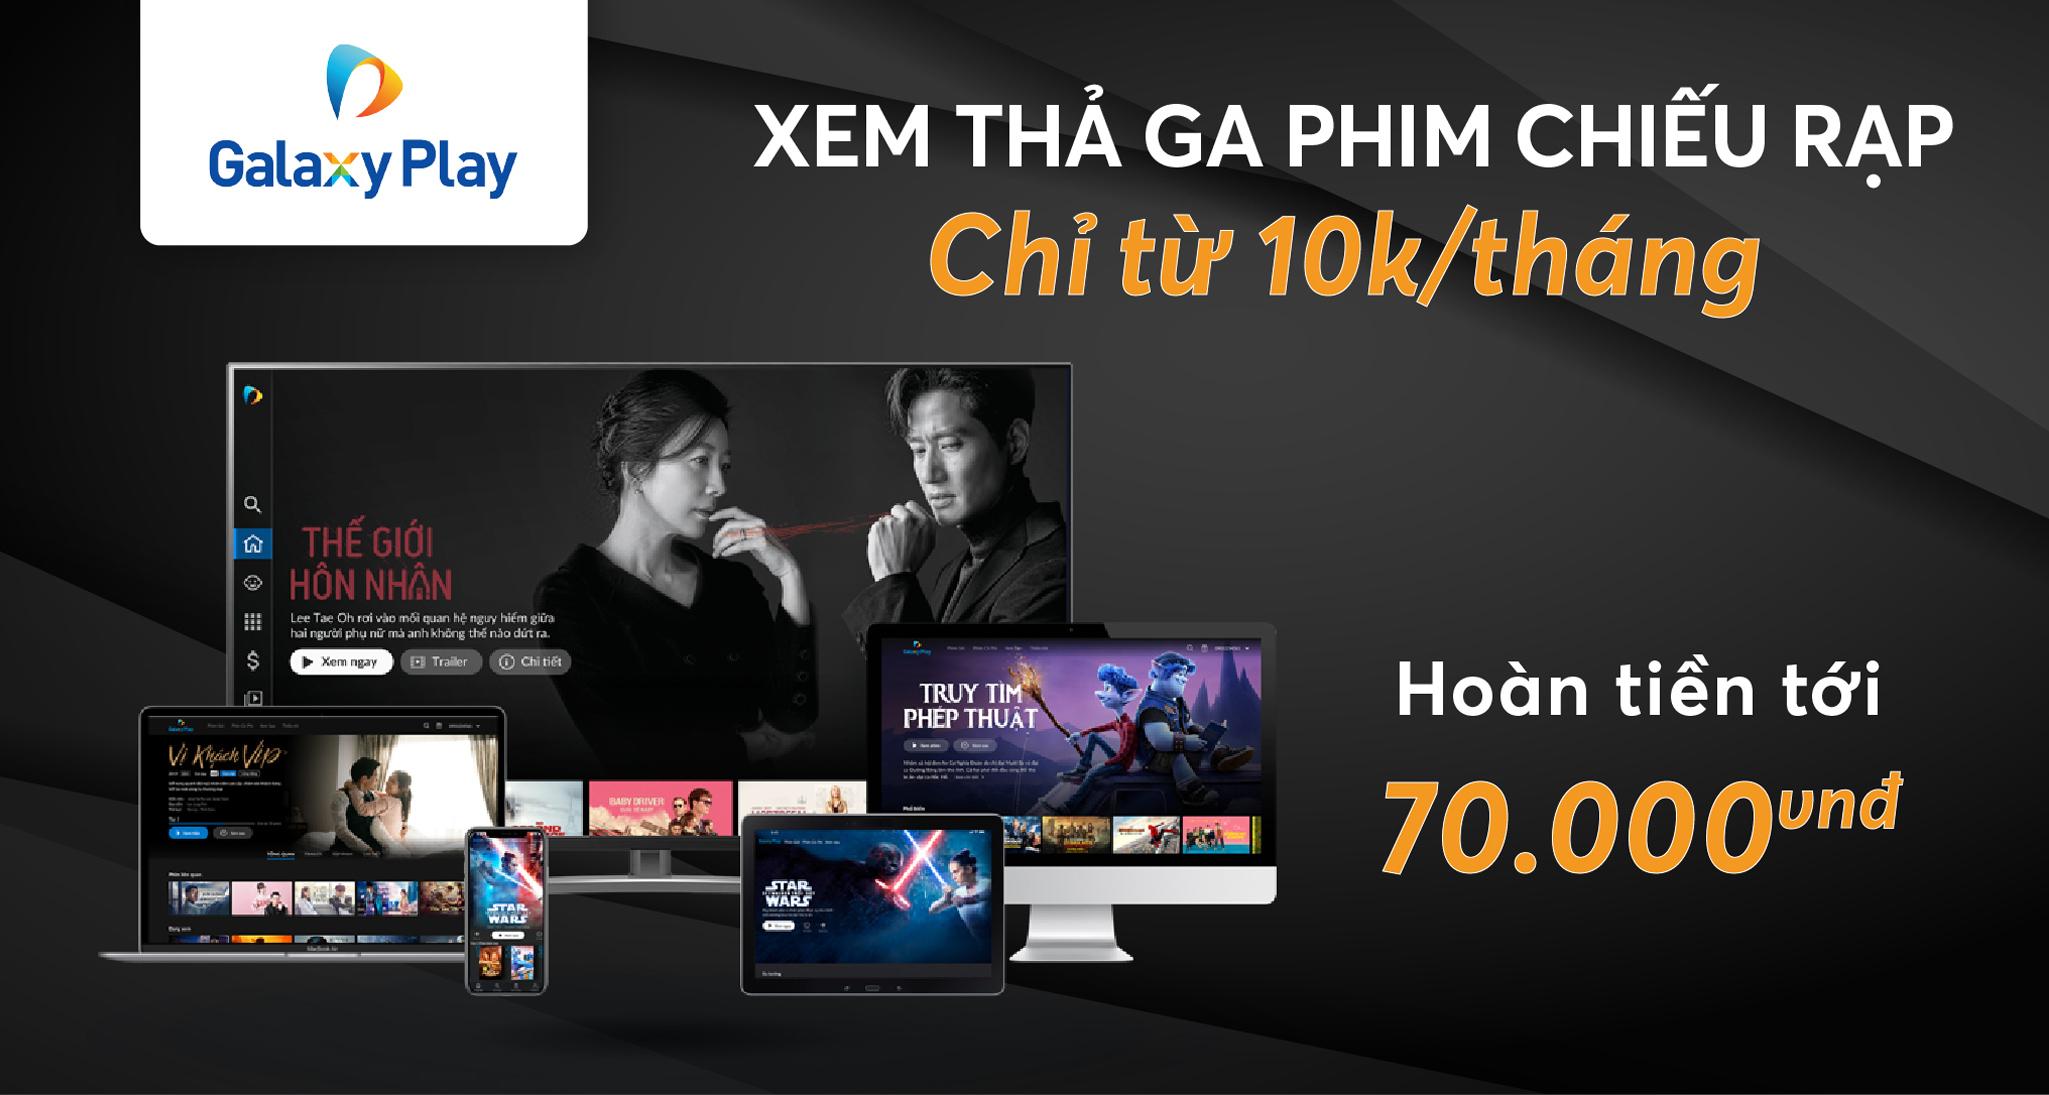 Finhay hoàn tiền - Galaxy Play